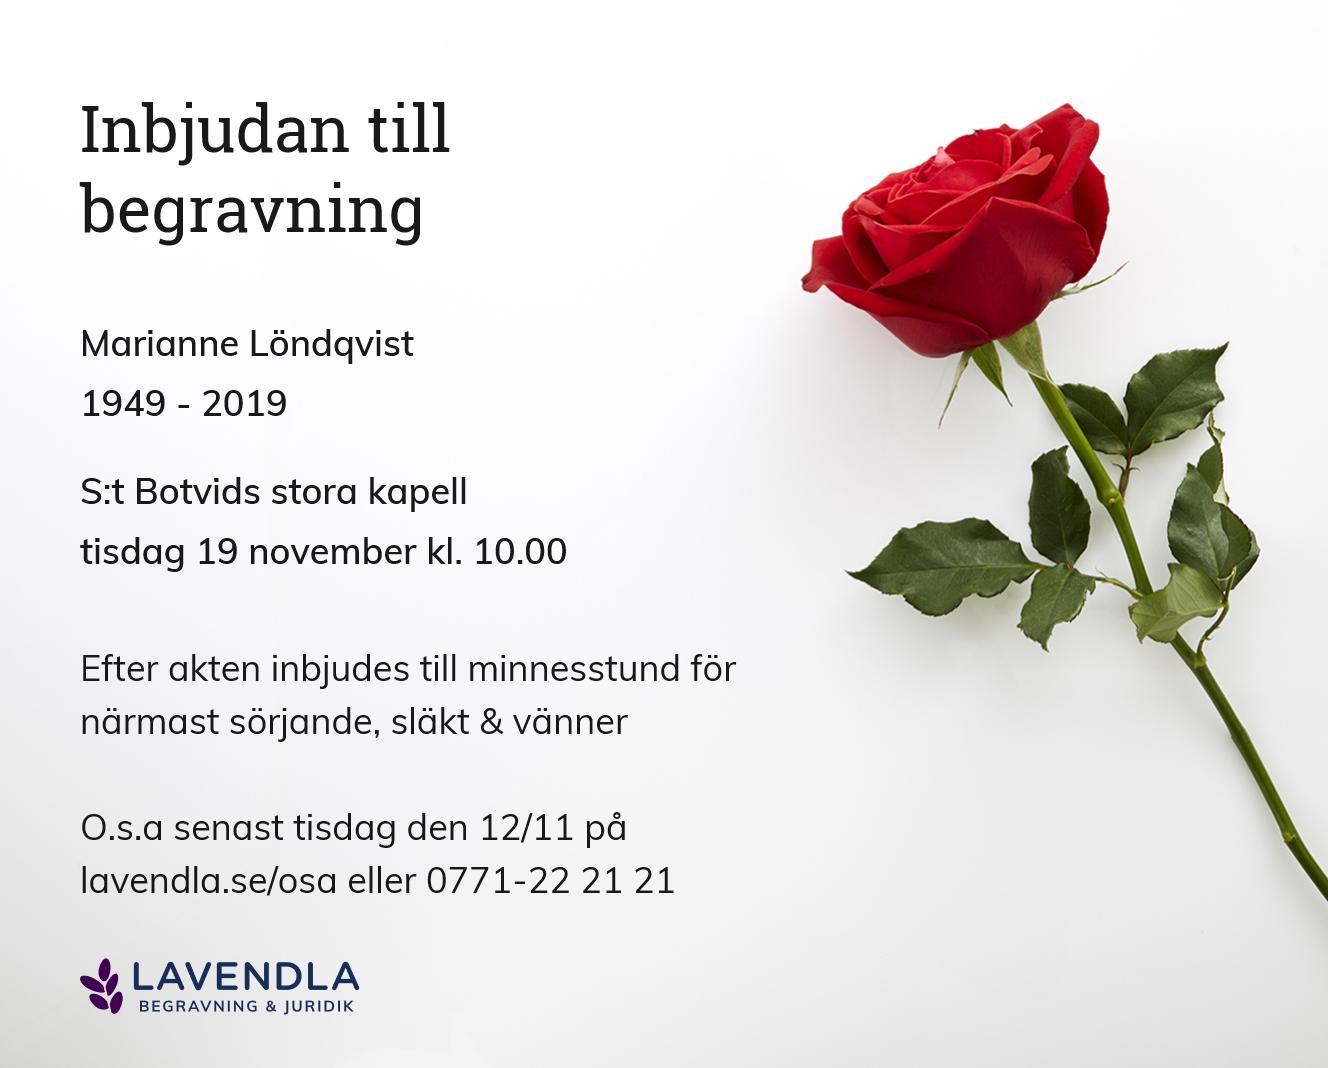 Inbjudningskort till ceremonin för Marianne Löndqvist